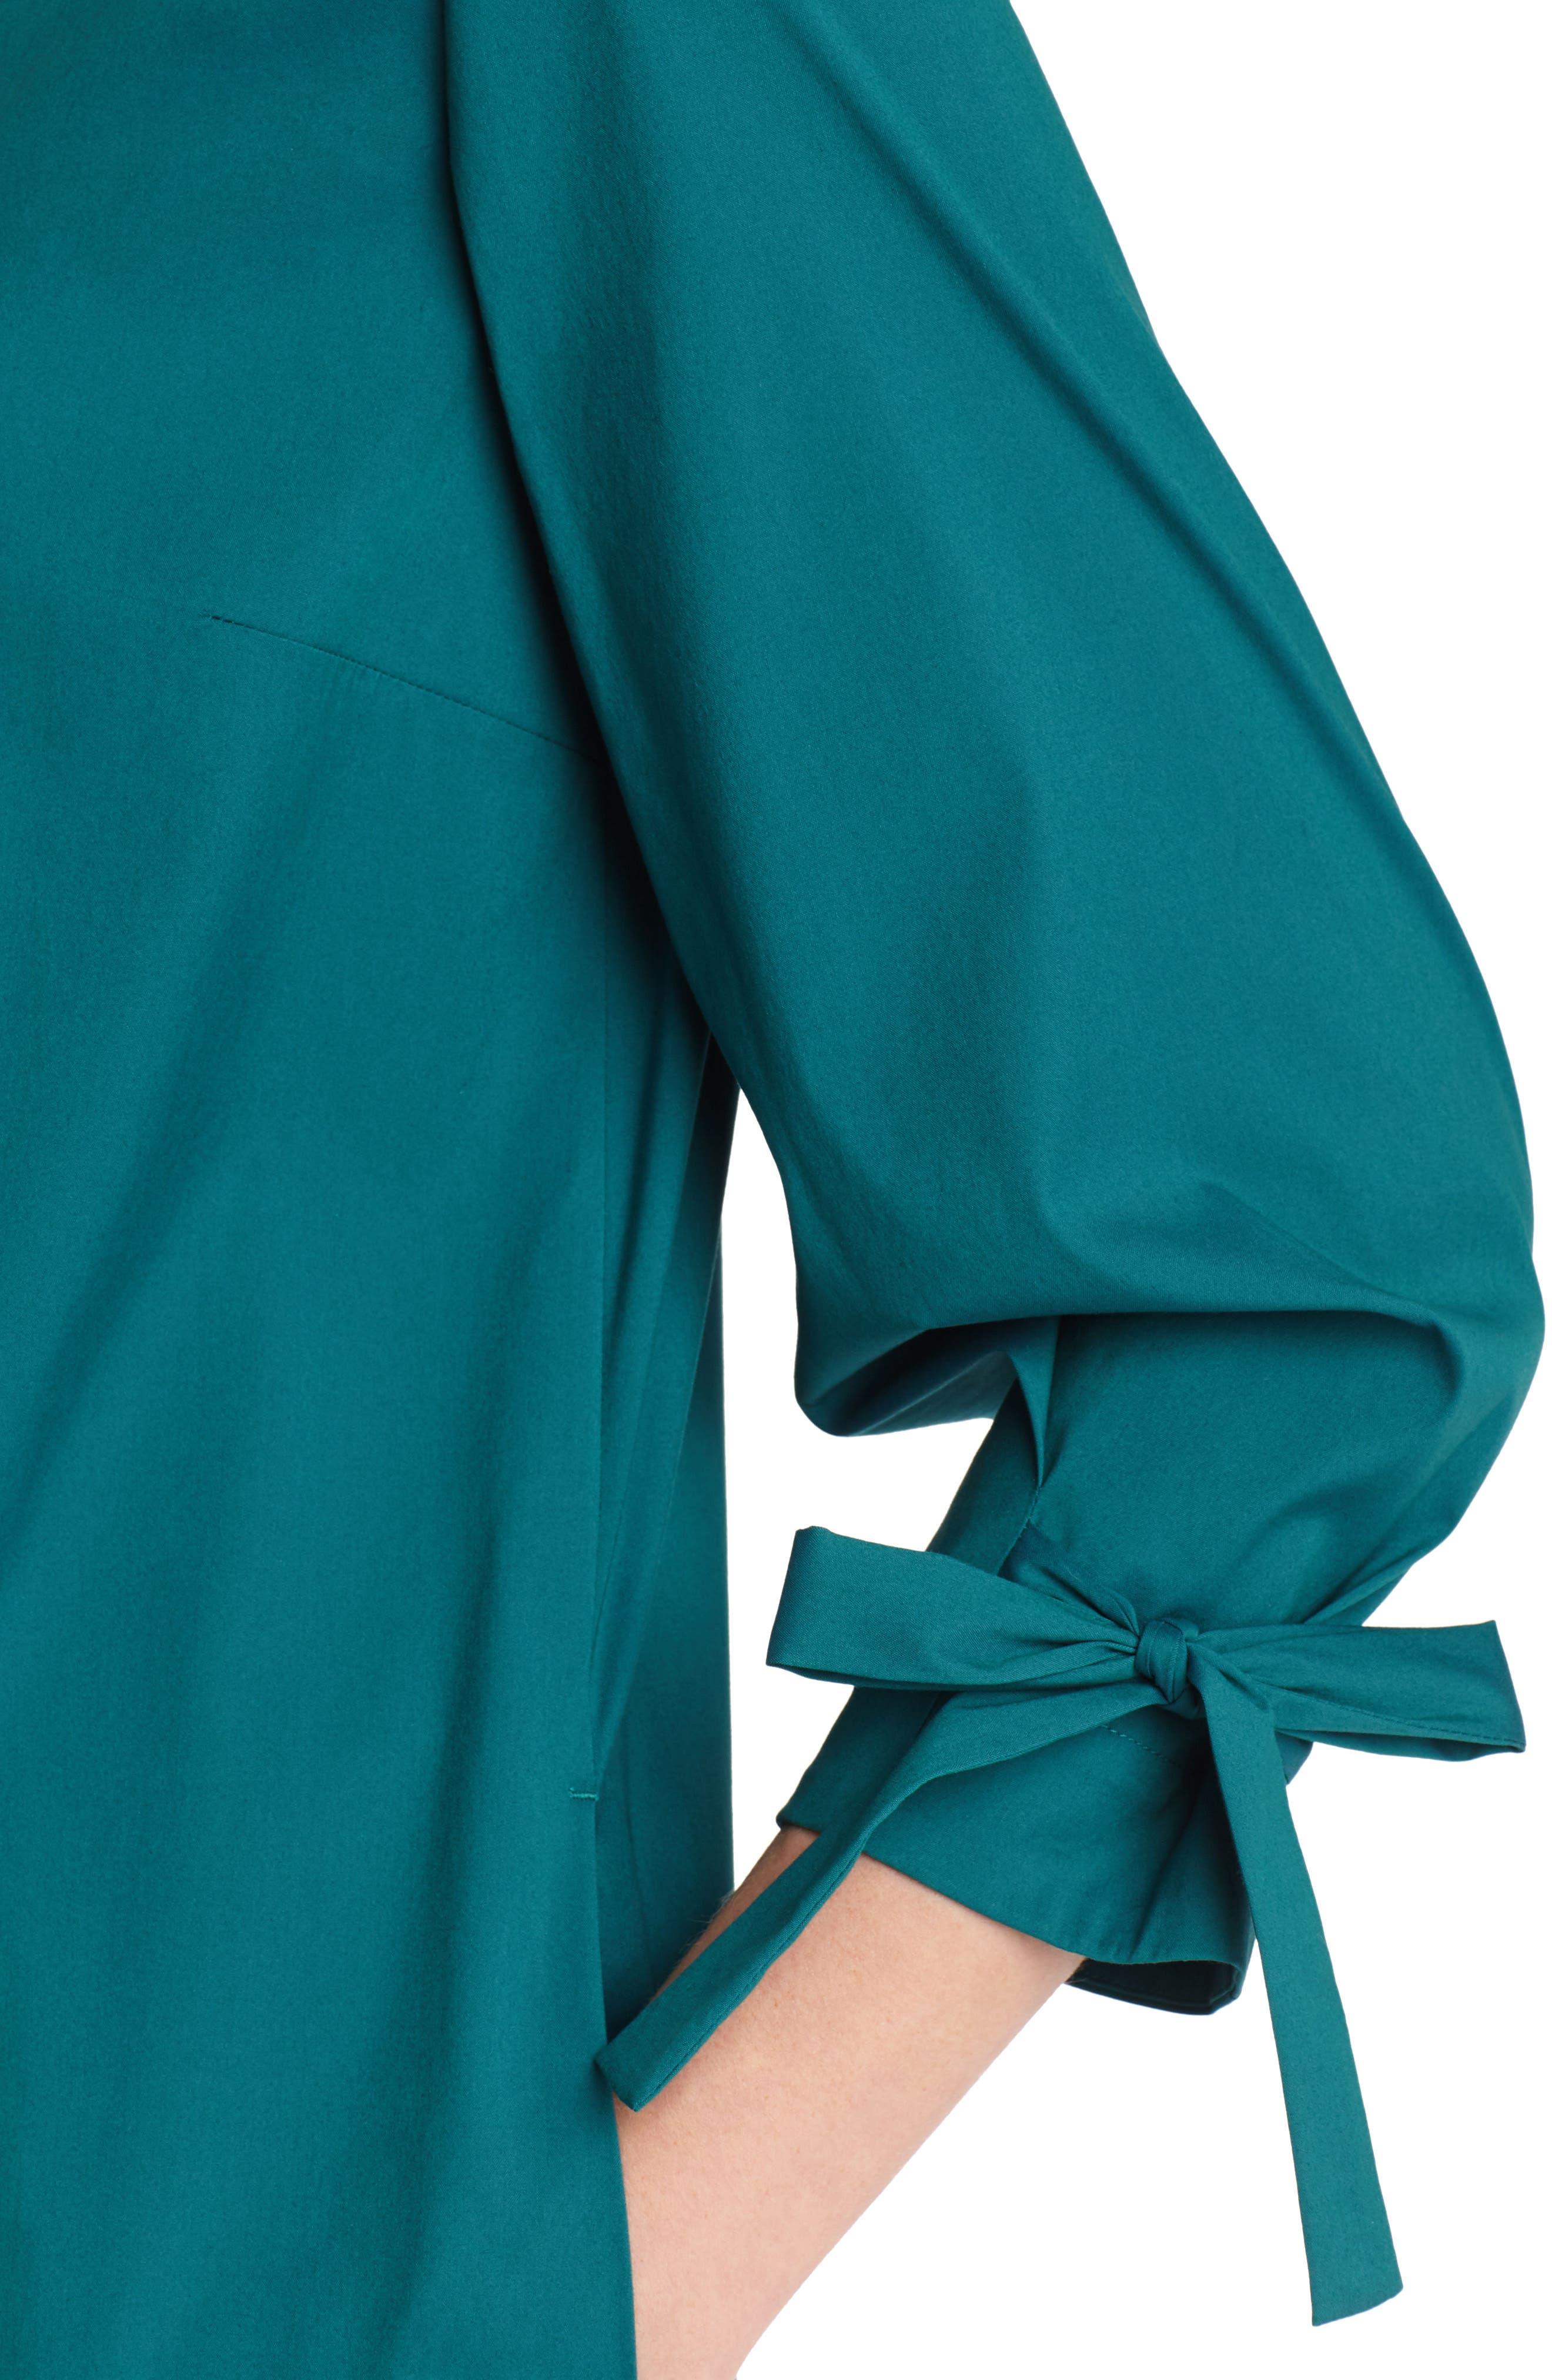 Paige Cotton Blend Dress,                             Alternate thumbnail 3, color,                             ATLANTIC TEAL